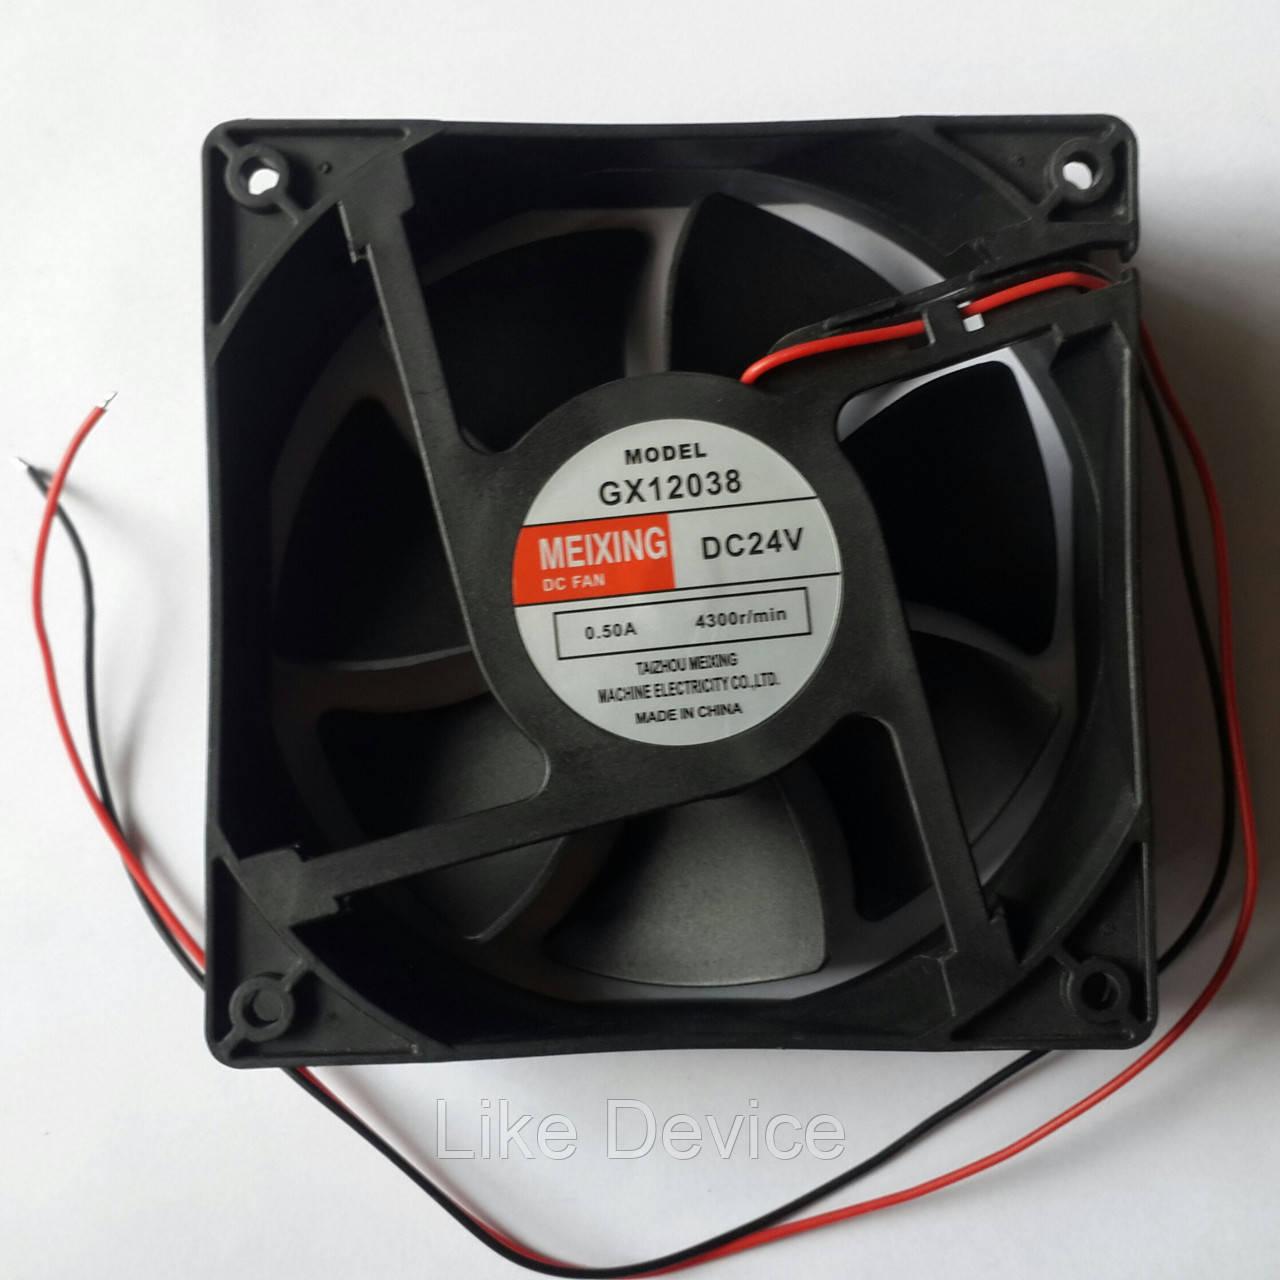 Вентилятор GX12038 - Like Device в Тернополе